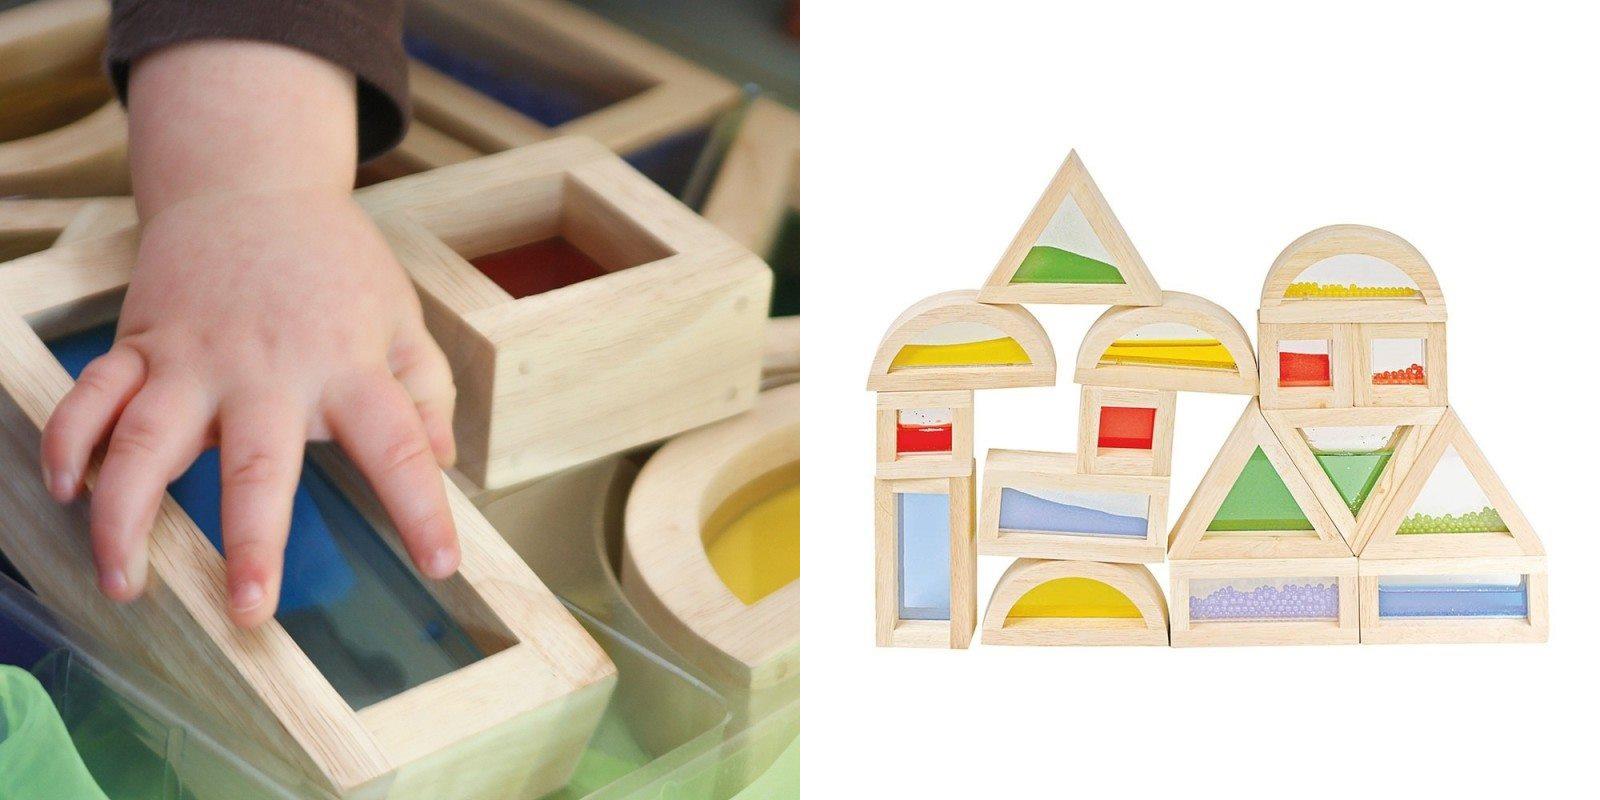 Activités sensorielles : jeux de construction